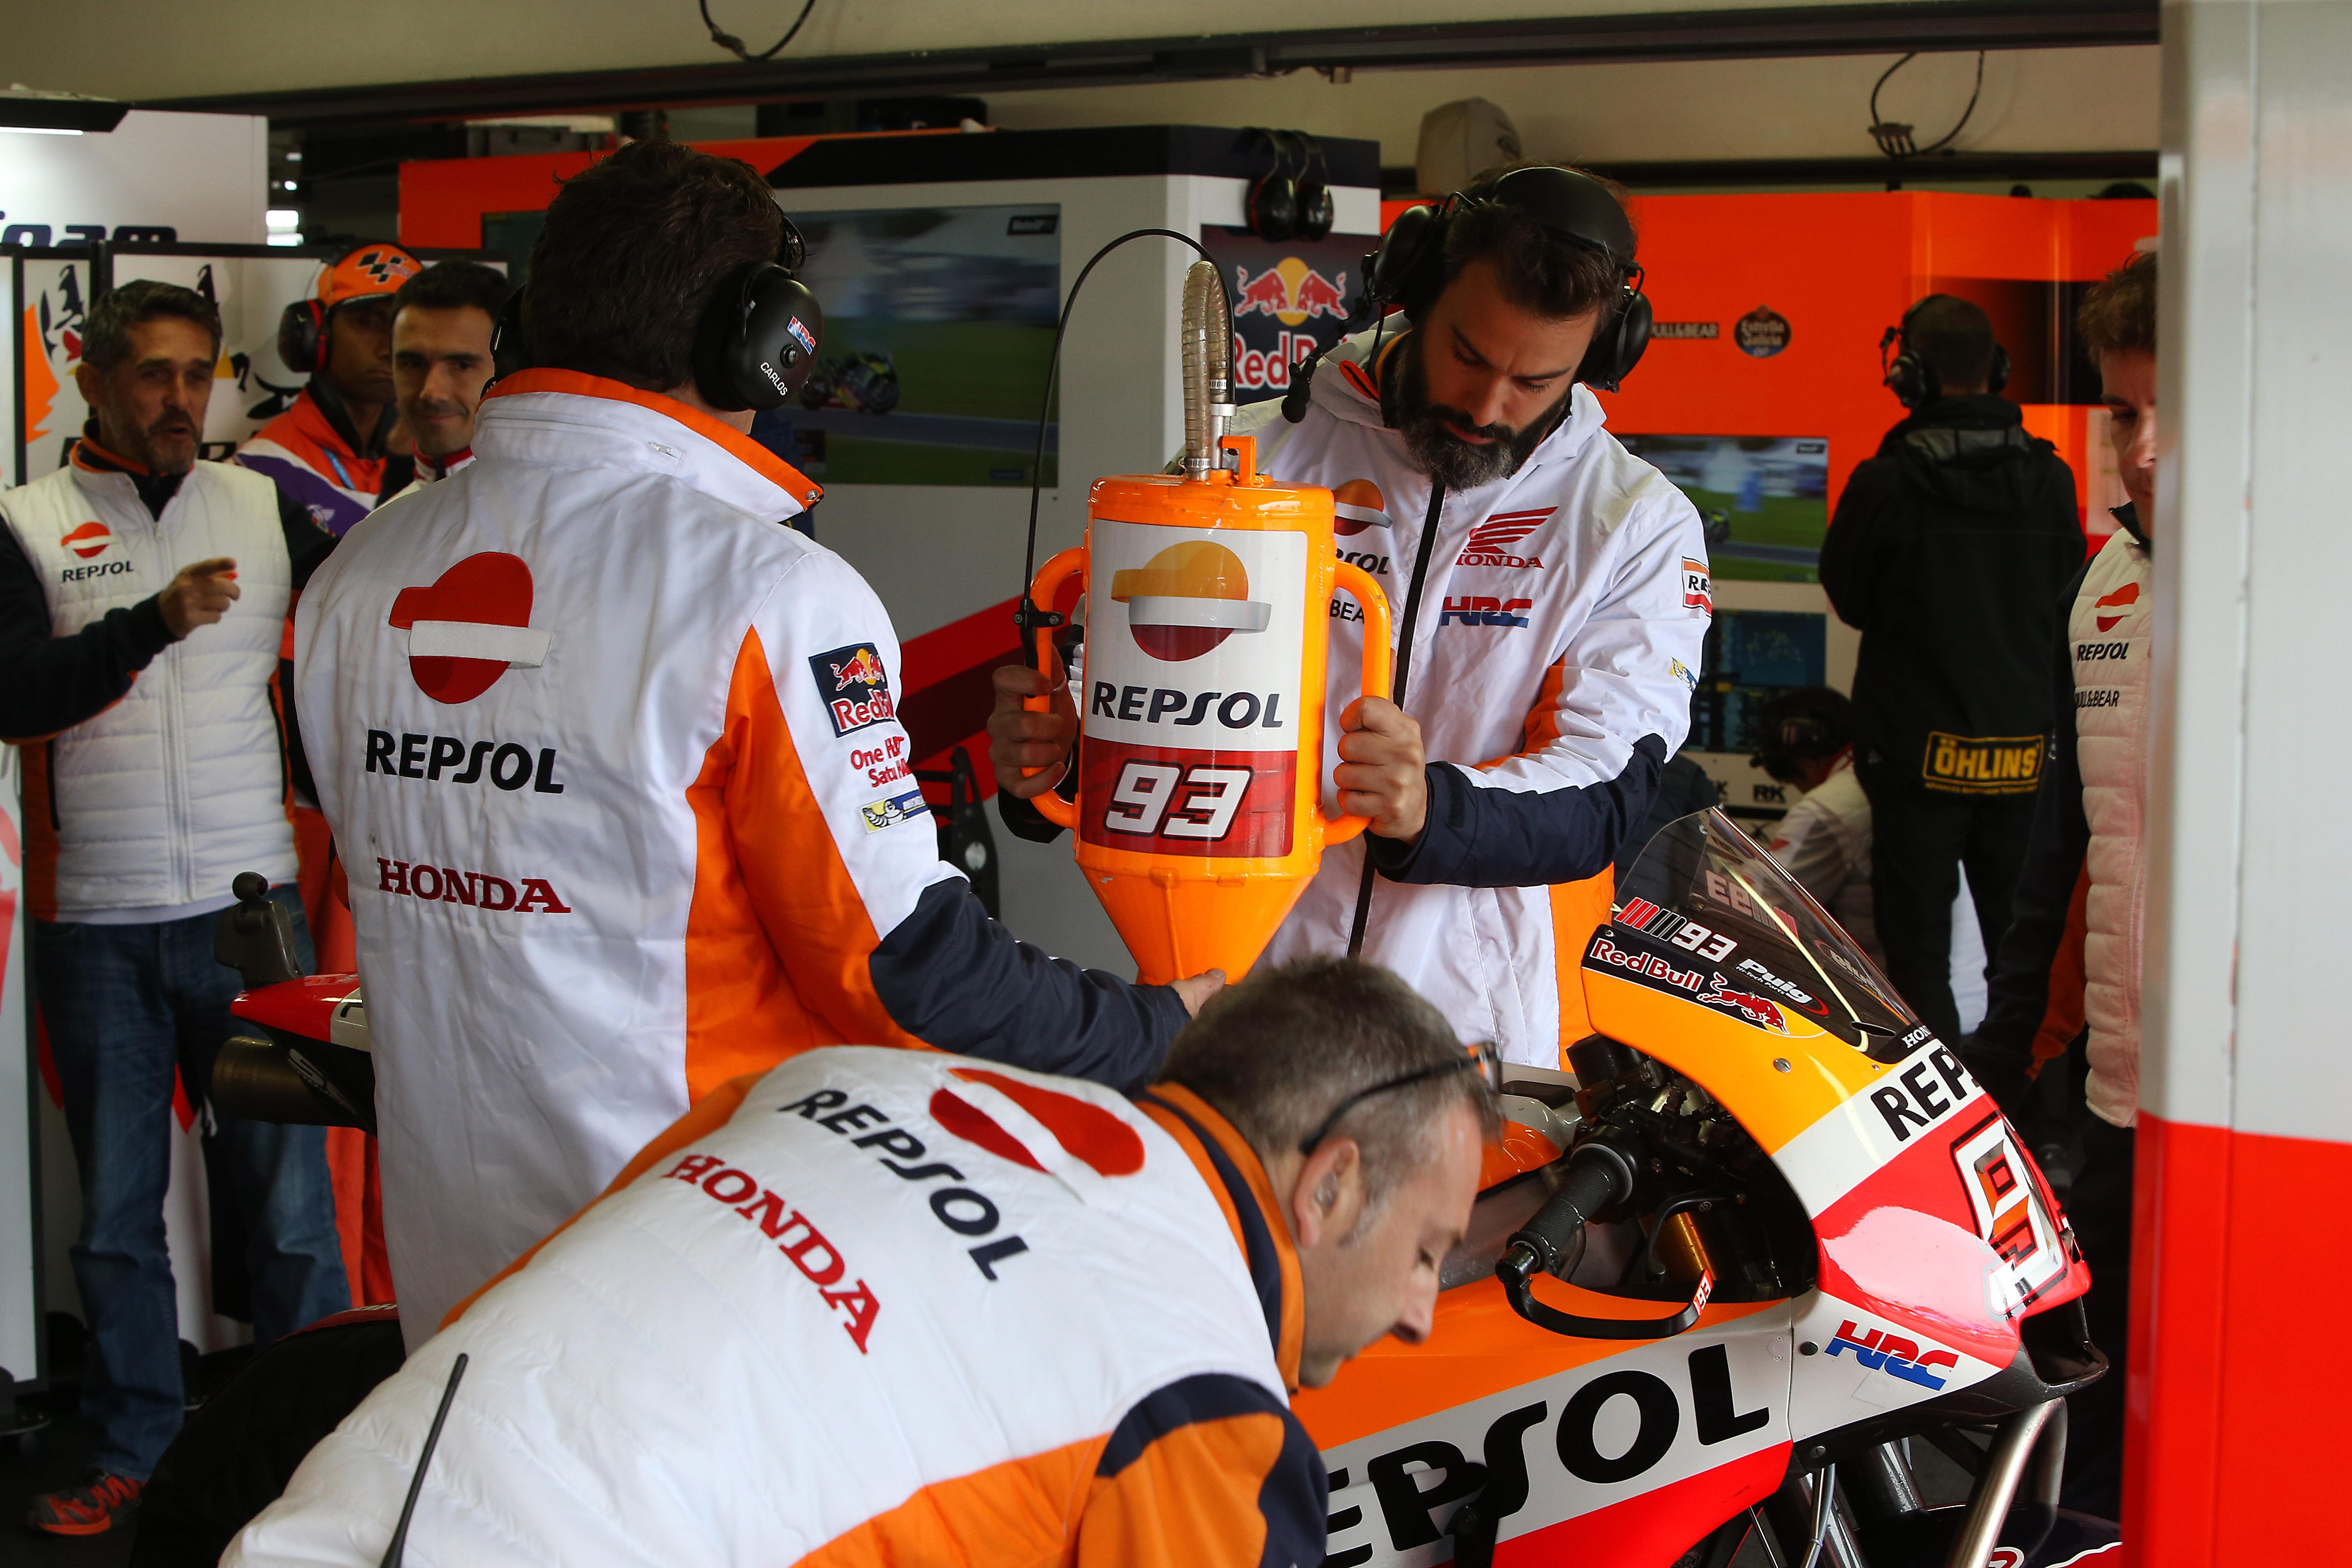 En busca del mayor rendimiento. Mecánicos de Marc Márquez repostando la moto.